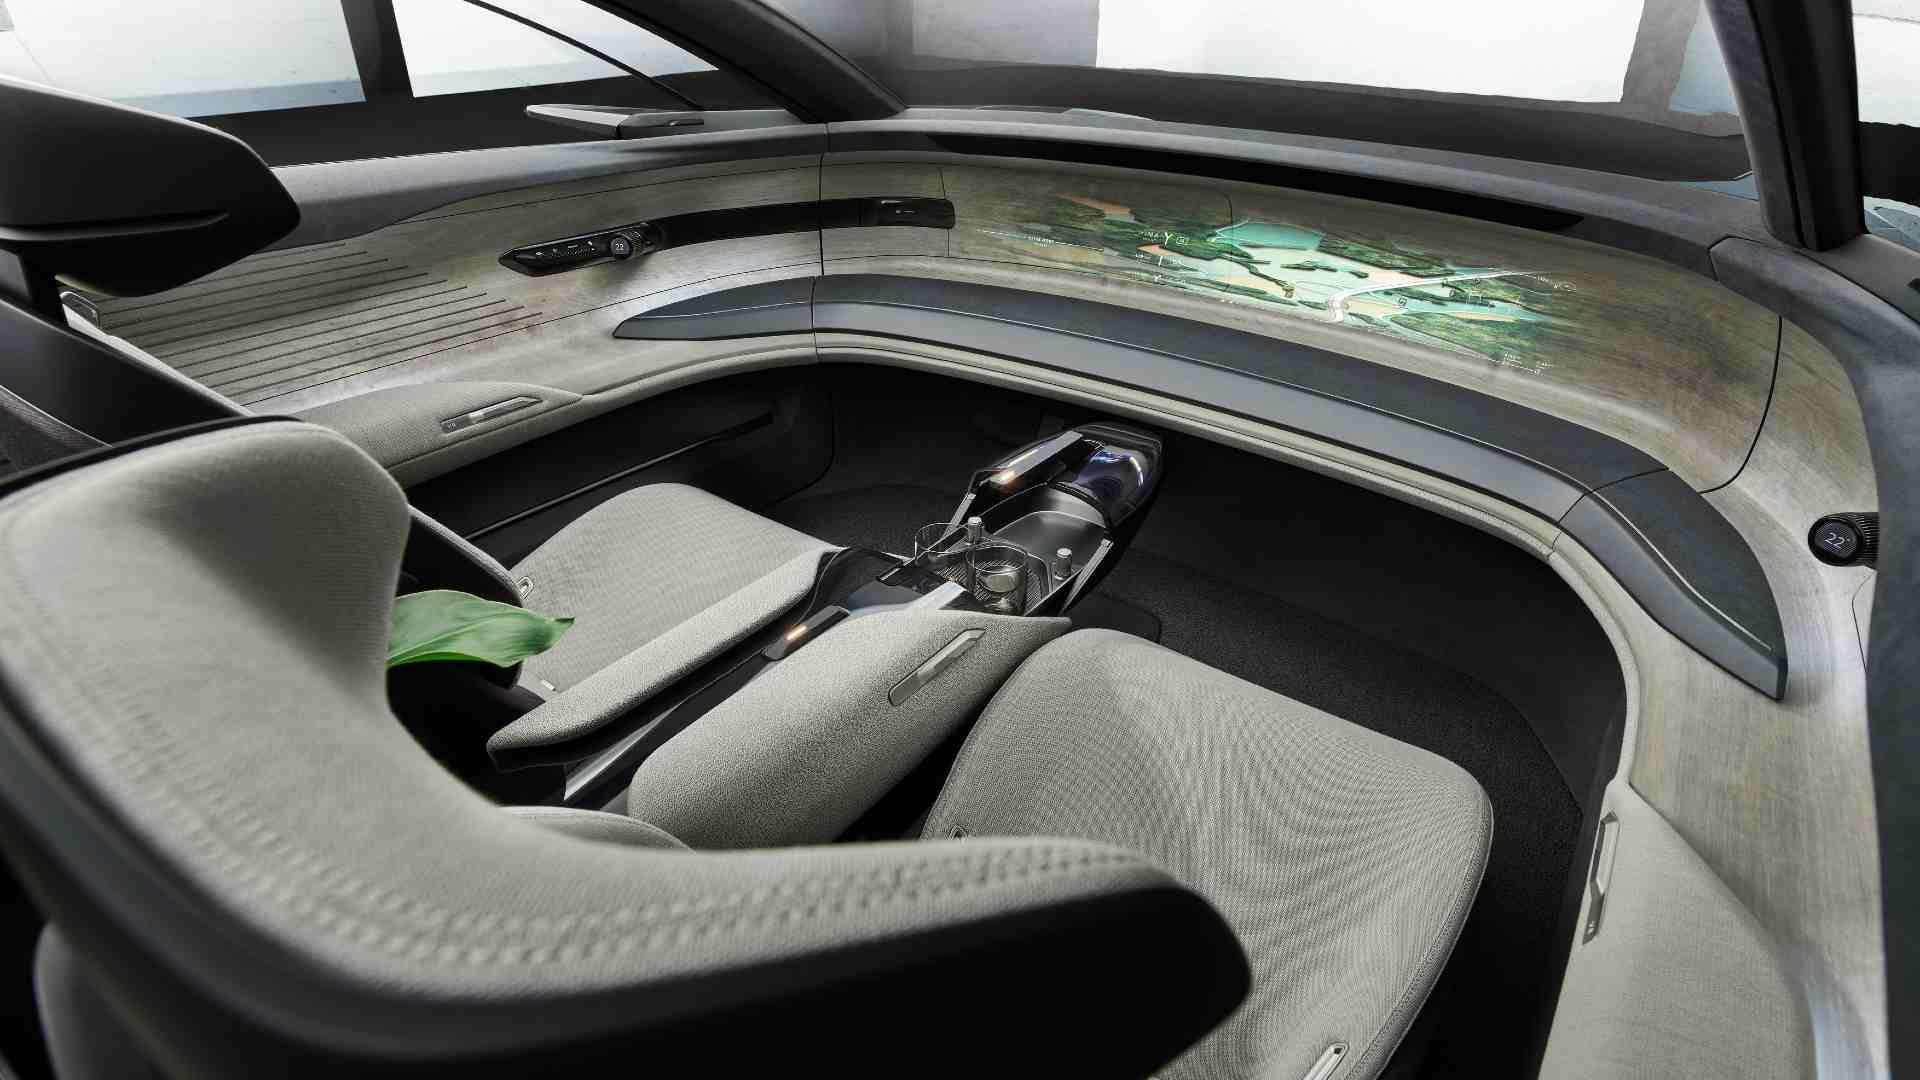 Les commandes de conduite dans la grande sphère se rangent lorsqu'elles ne sont pas nécessaires pour créer une ambiance «salon».  Image : Audi